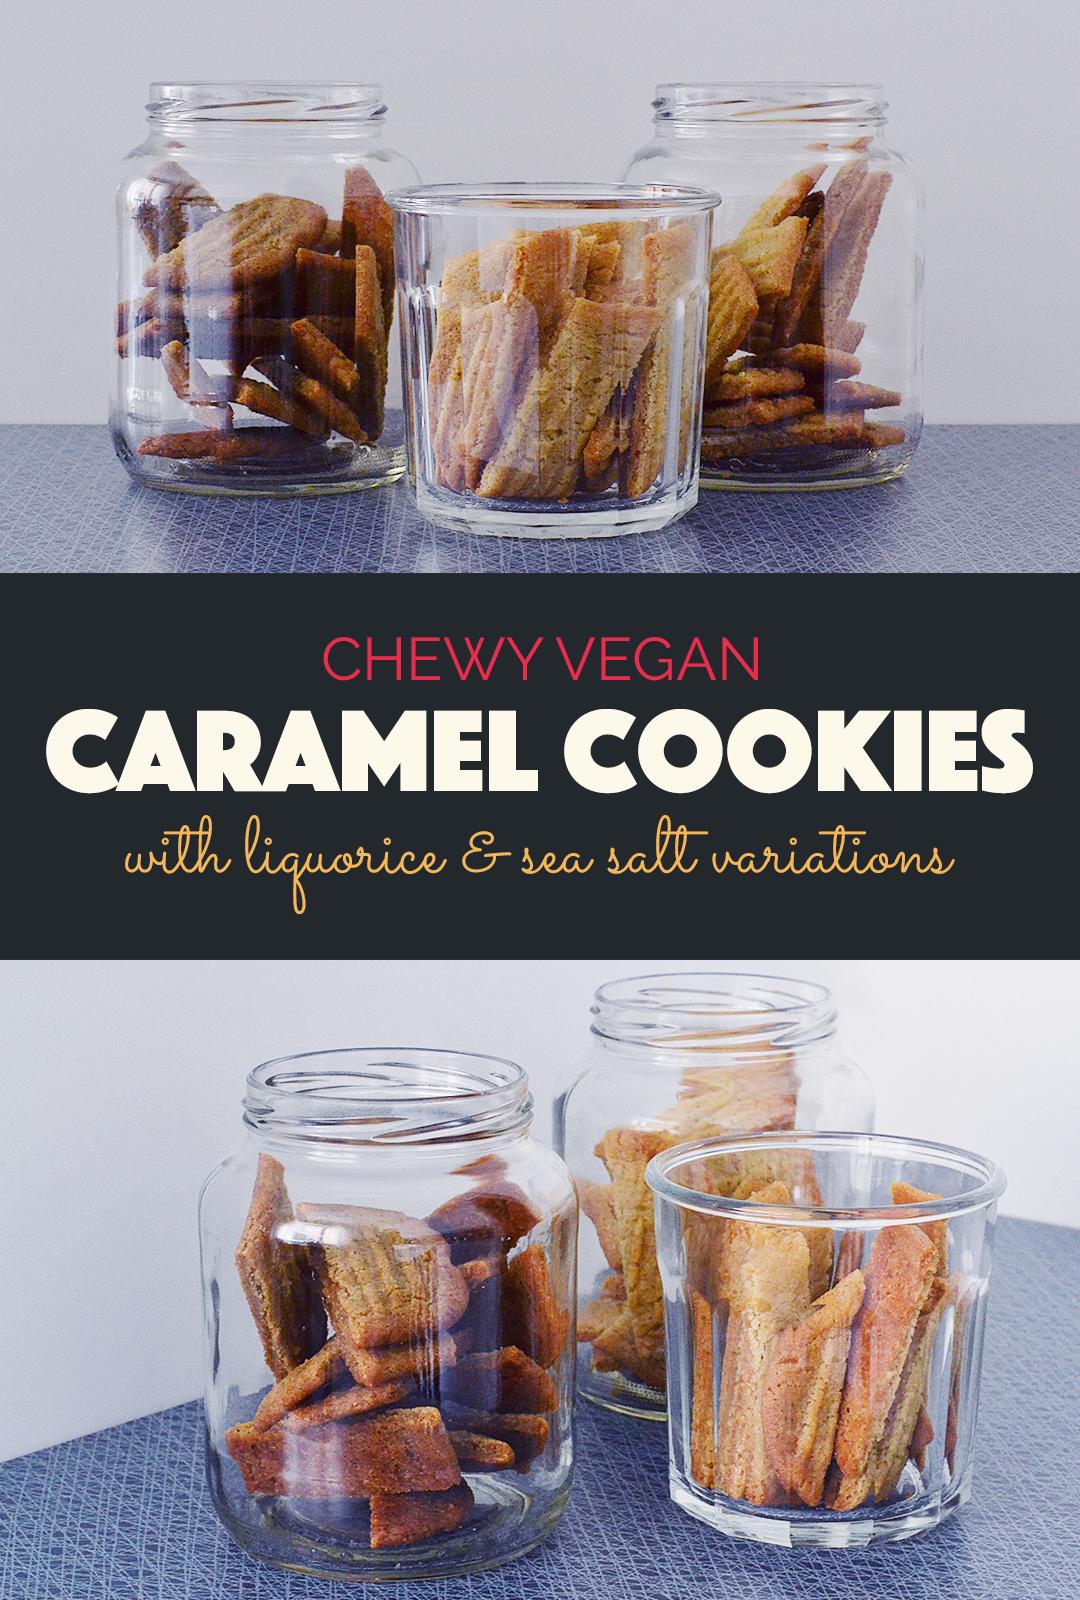 Chewy Caramel Cookies | http://BananaBloom.com #chewycaramelcookies #cookies #vegan #sirapskakor #plantbased